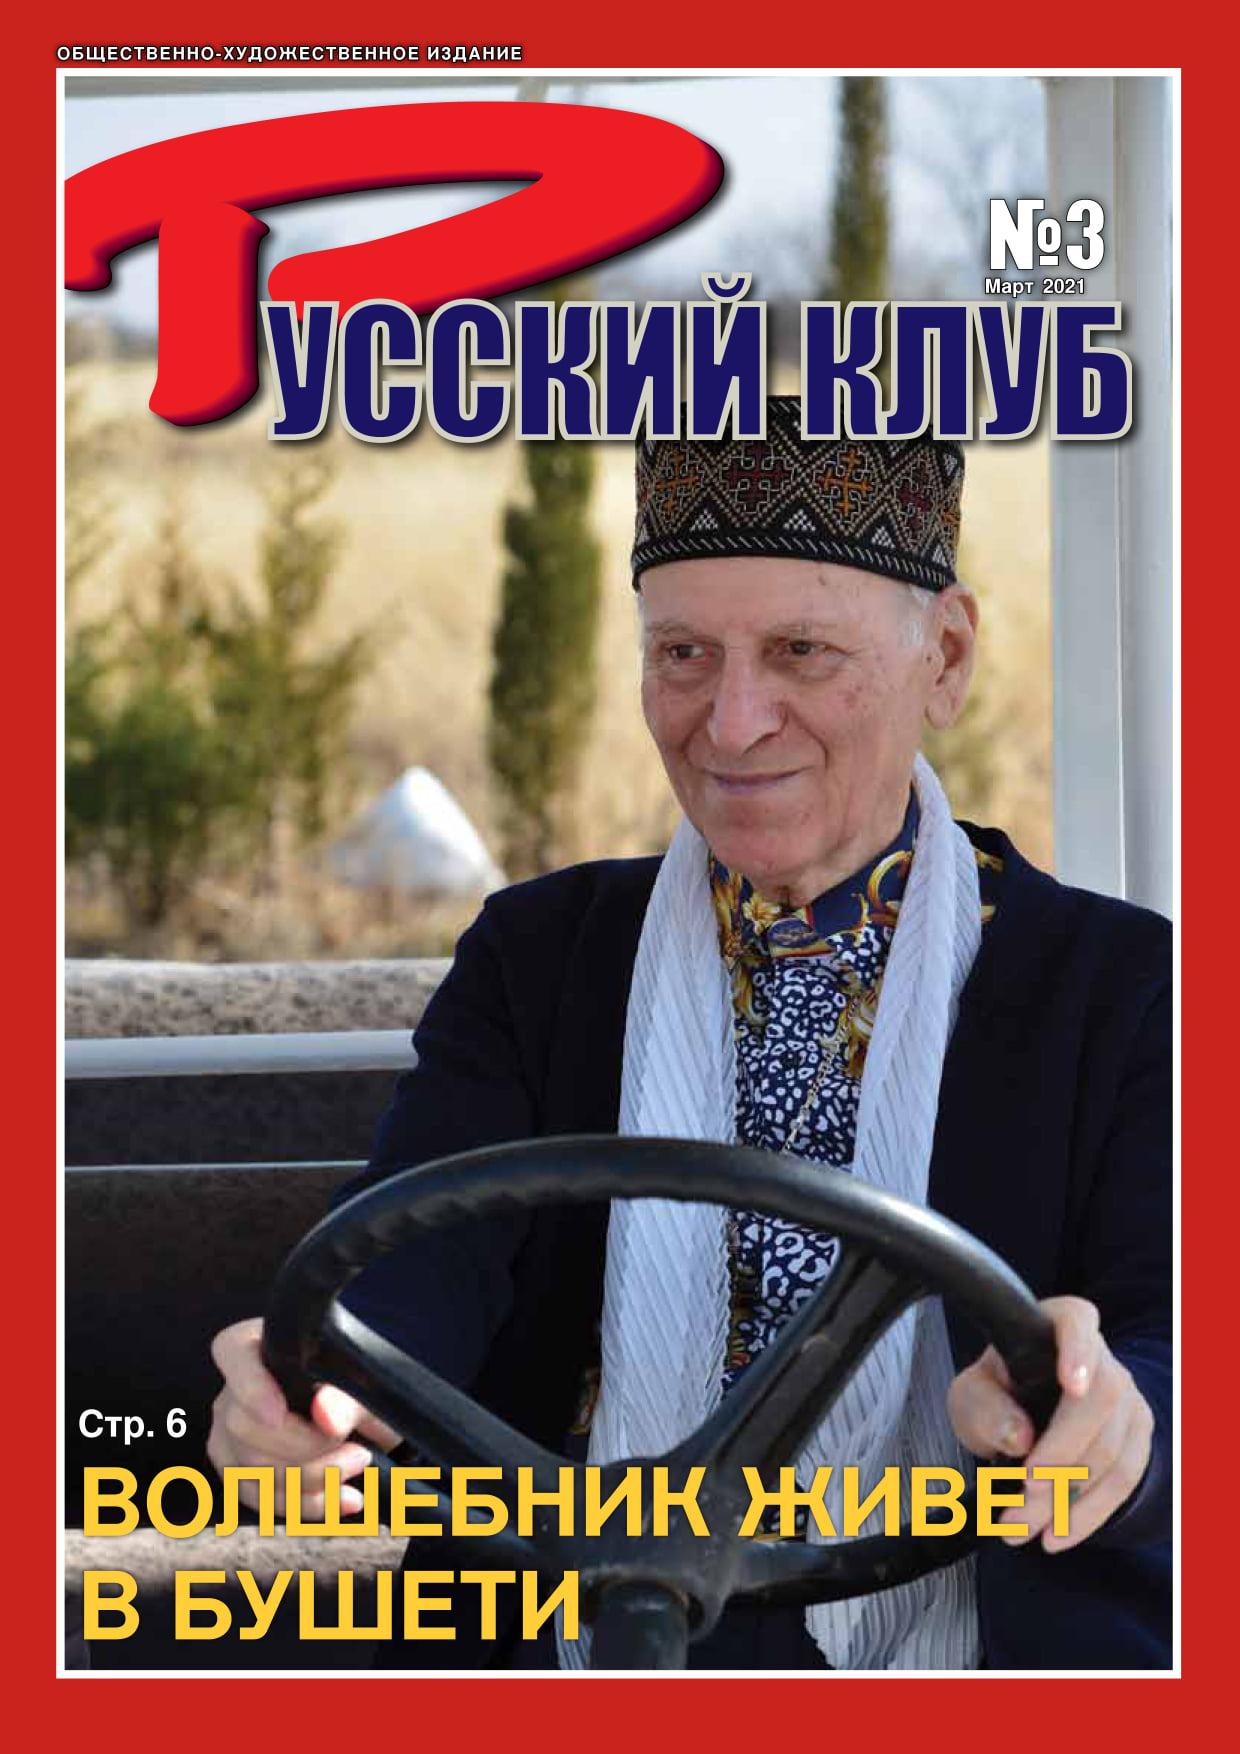 ЖУРНАЛ «РУССКИЙ КЛУБ» №3 2021 г.